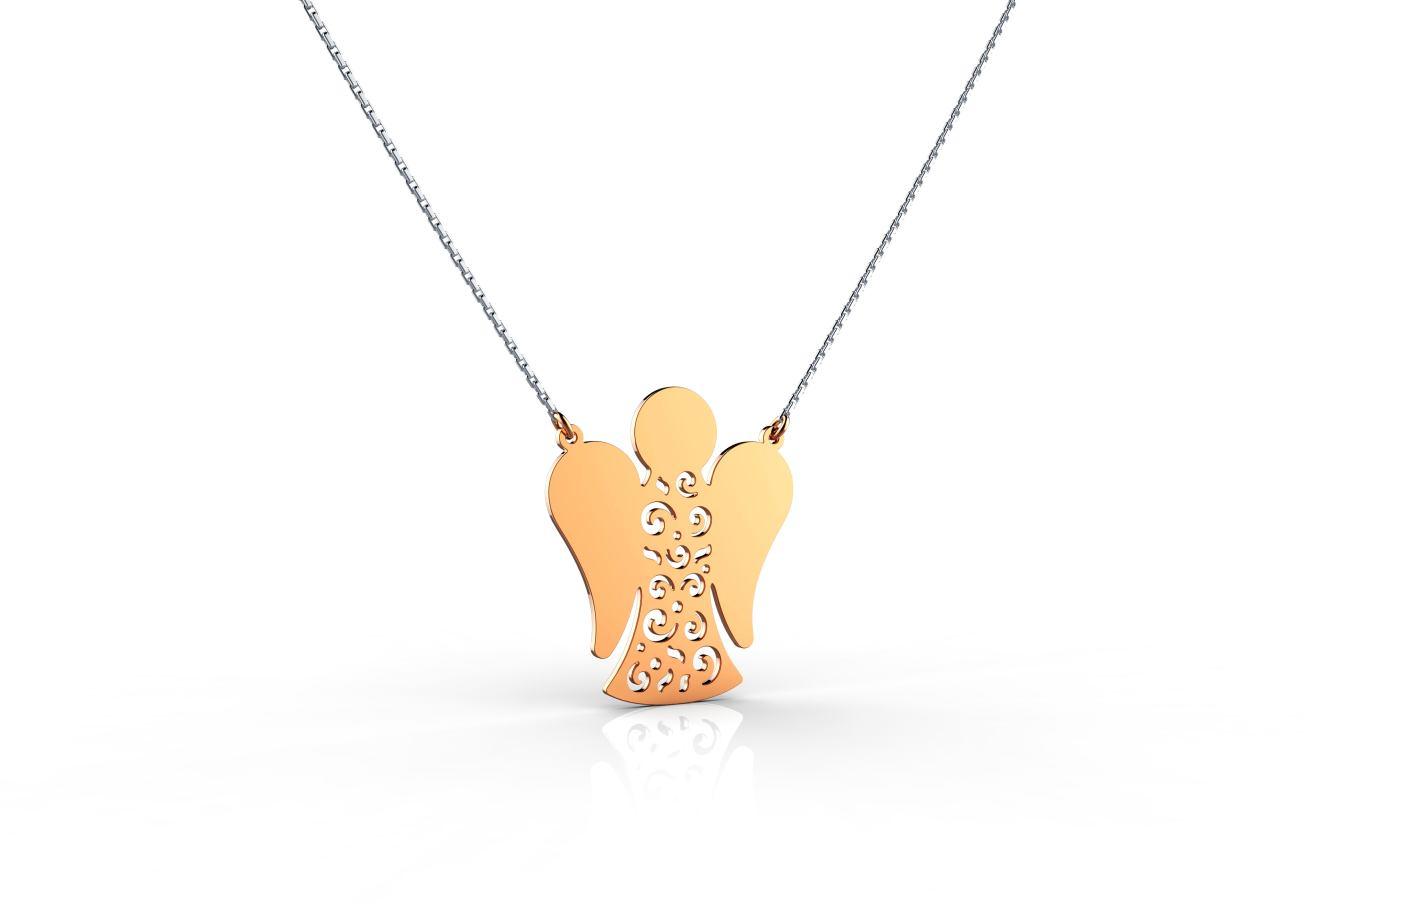 Srebrna ogrlica sa andjelom u rosegold pozlati_ 460kn_ZAKS